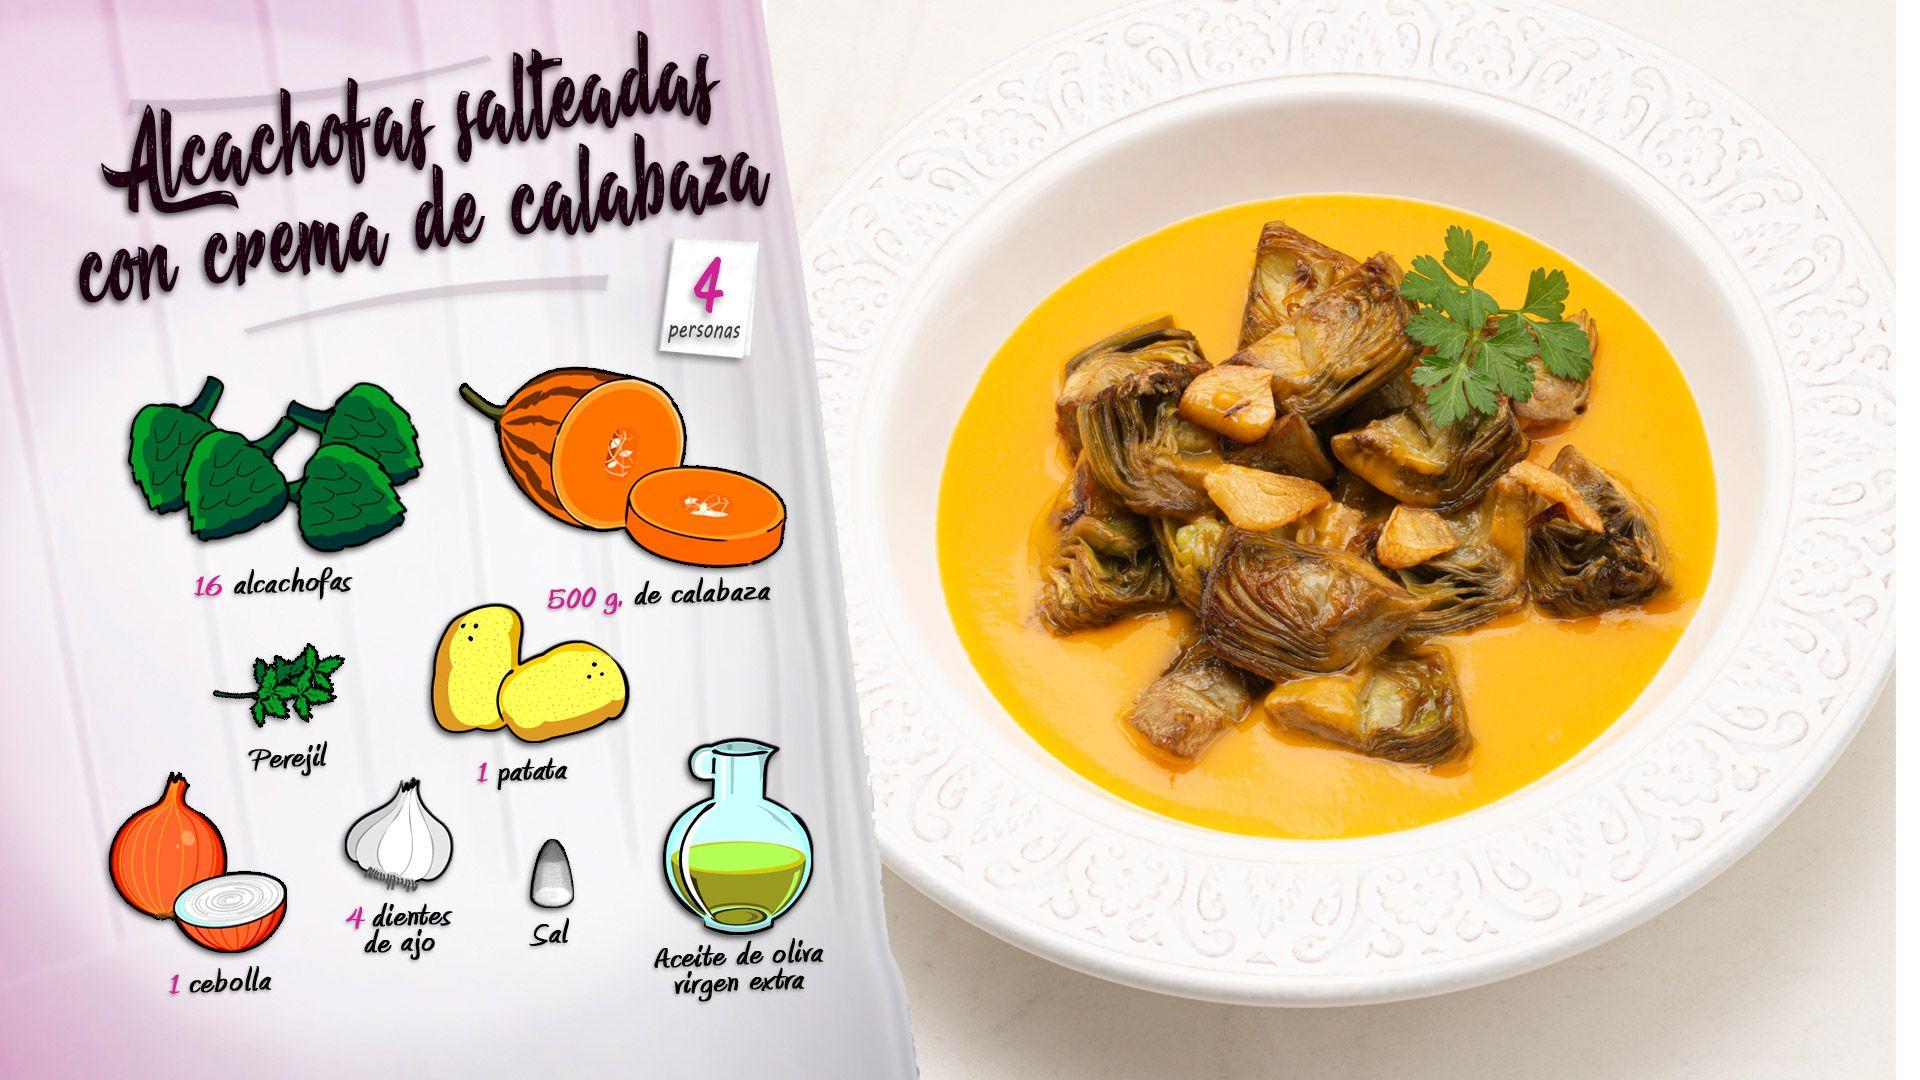 Alcachofas salteadas con crema de calabaza, la receta de Karlos Arguiñano - Ingredientes